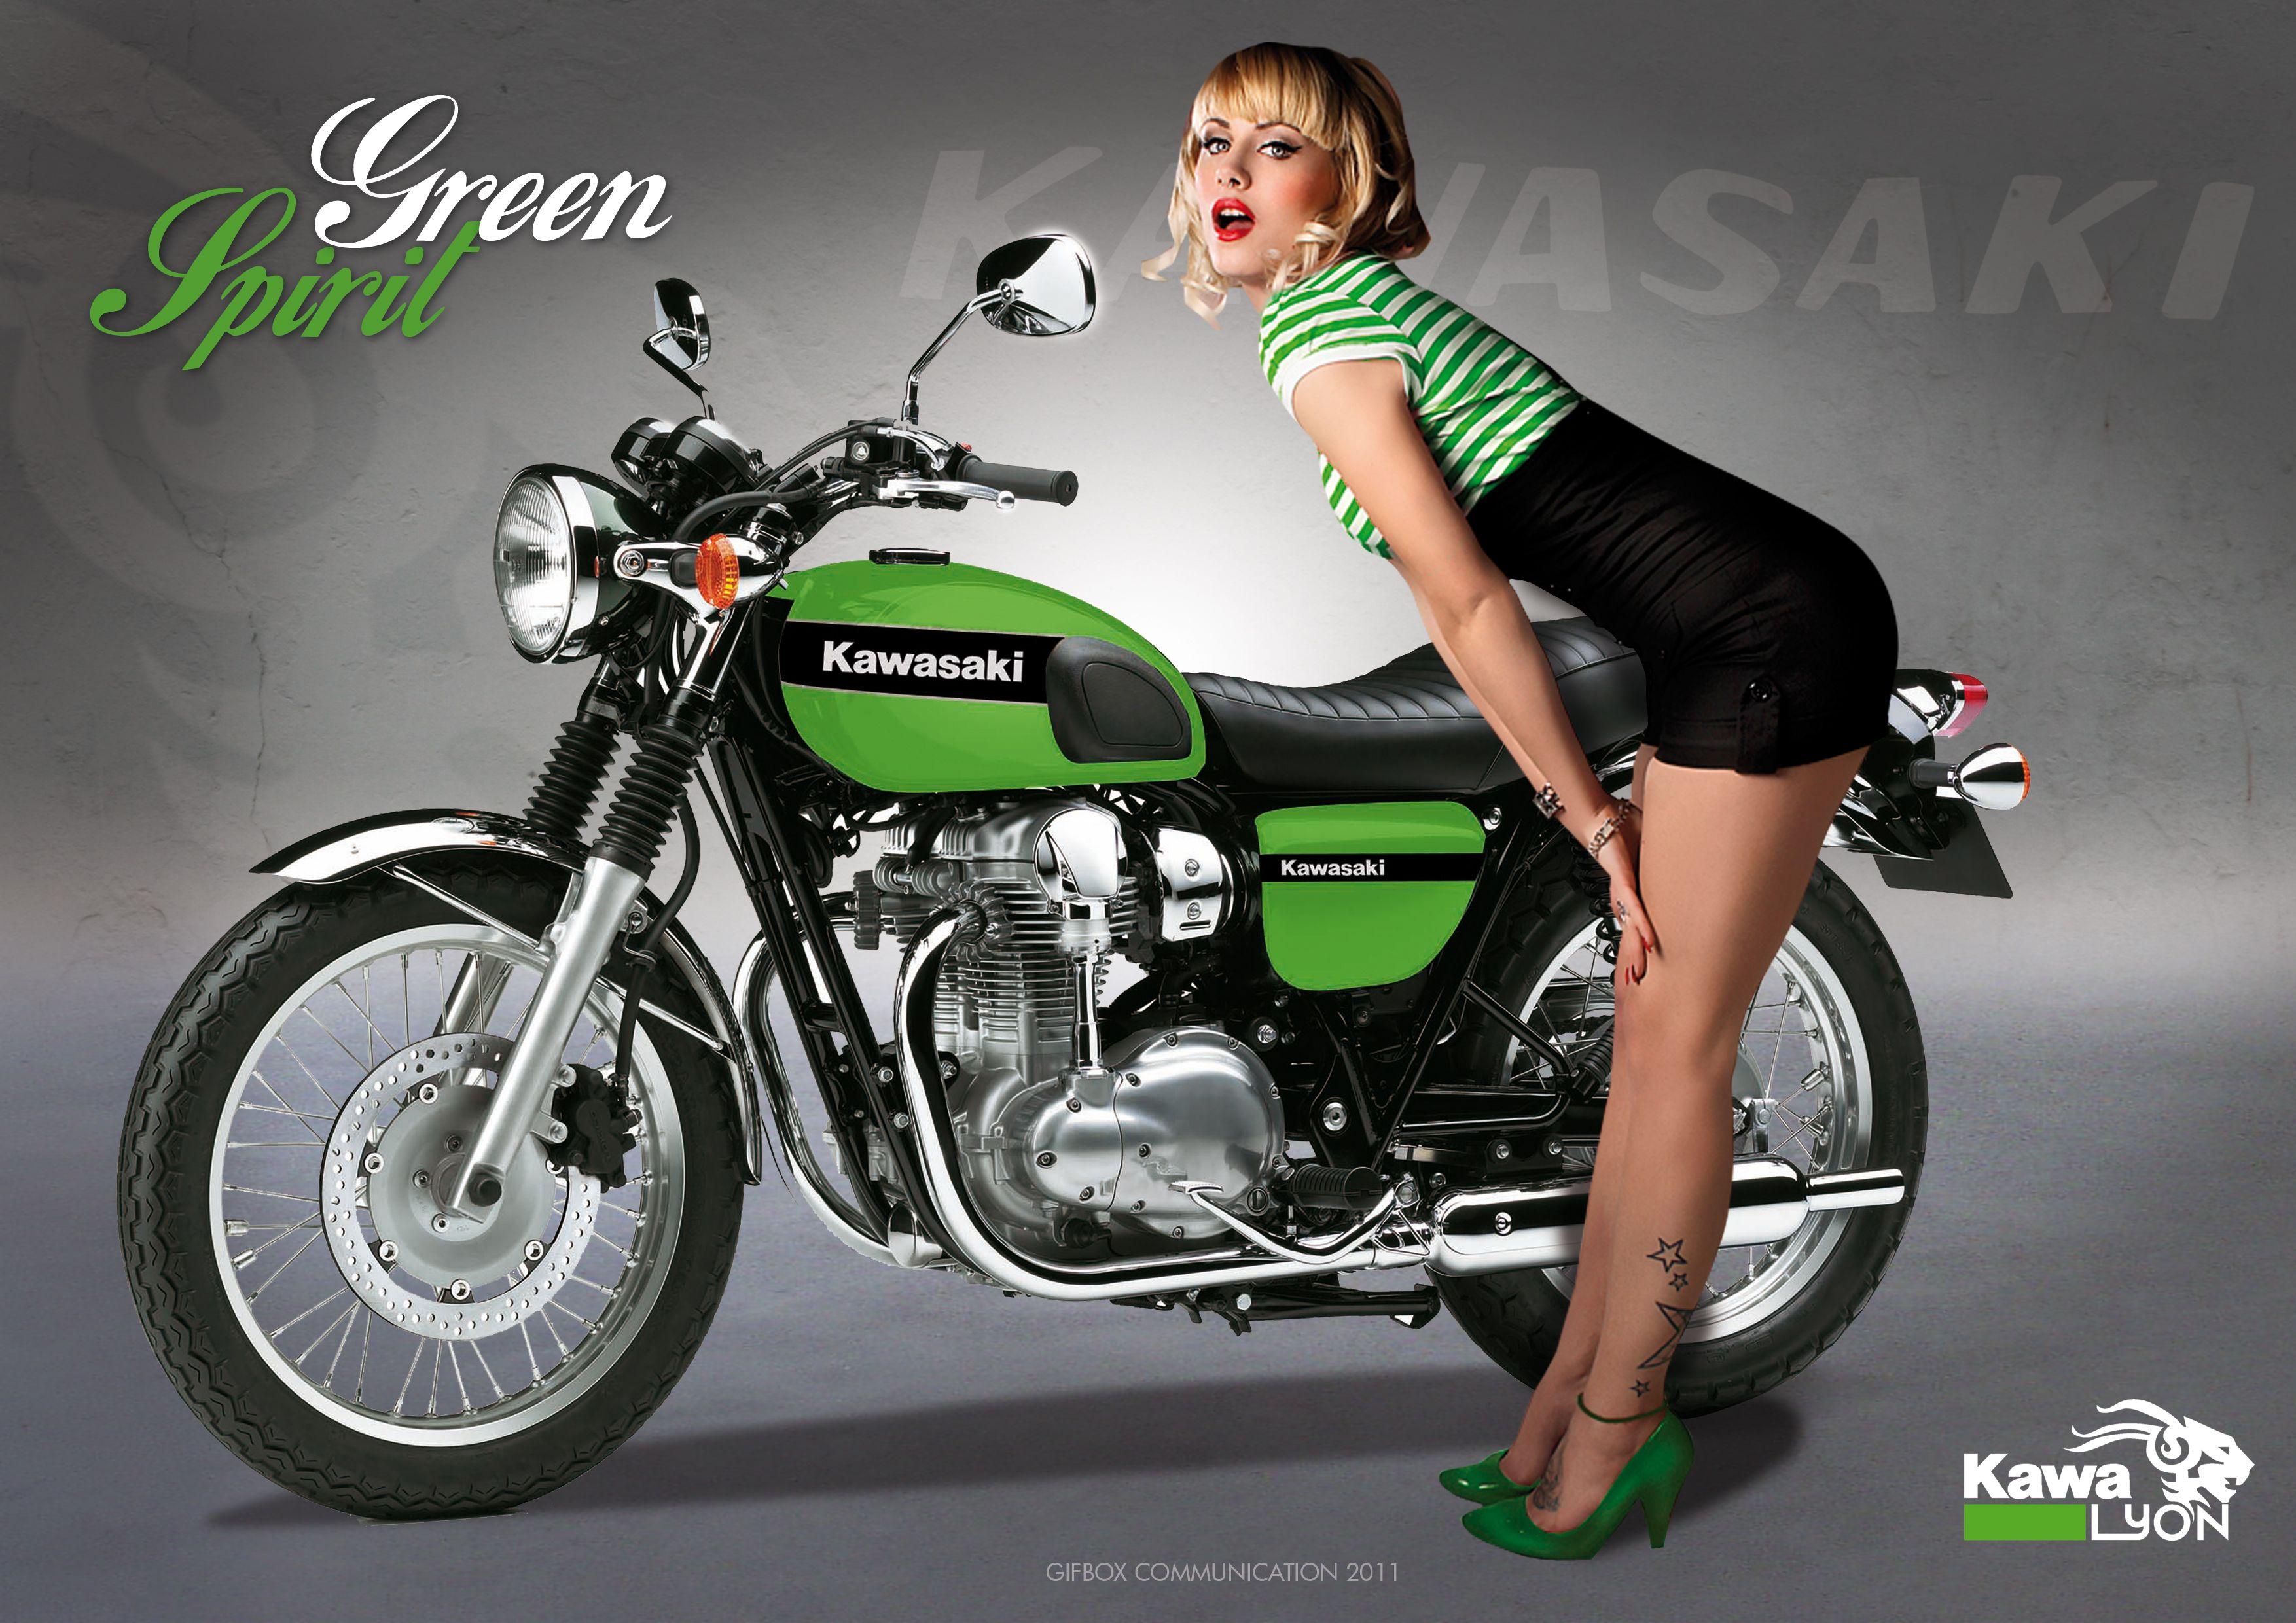 Kawasaki W800 Pin Up Style Green Spirit By Chico Kawasaki Grenoble